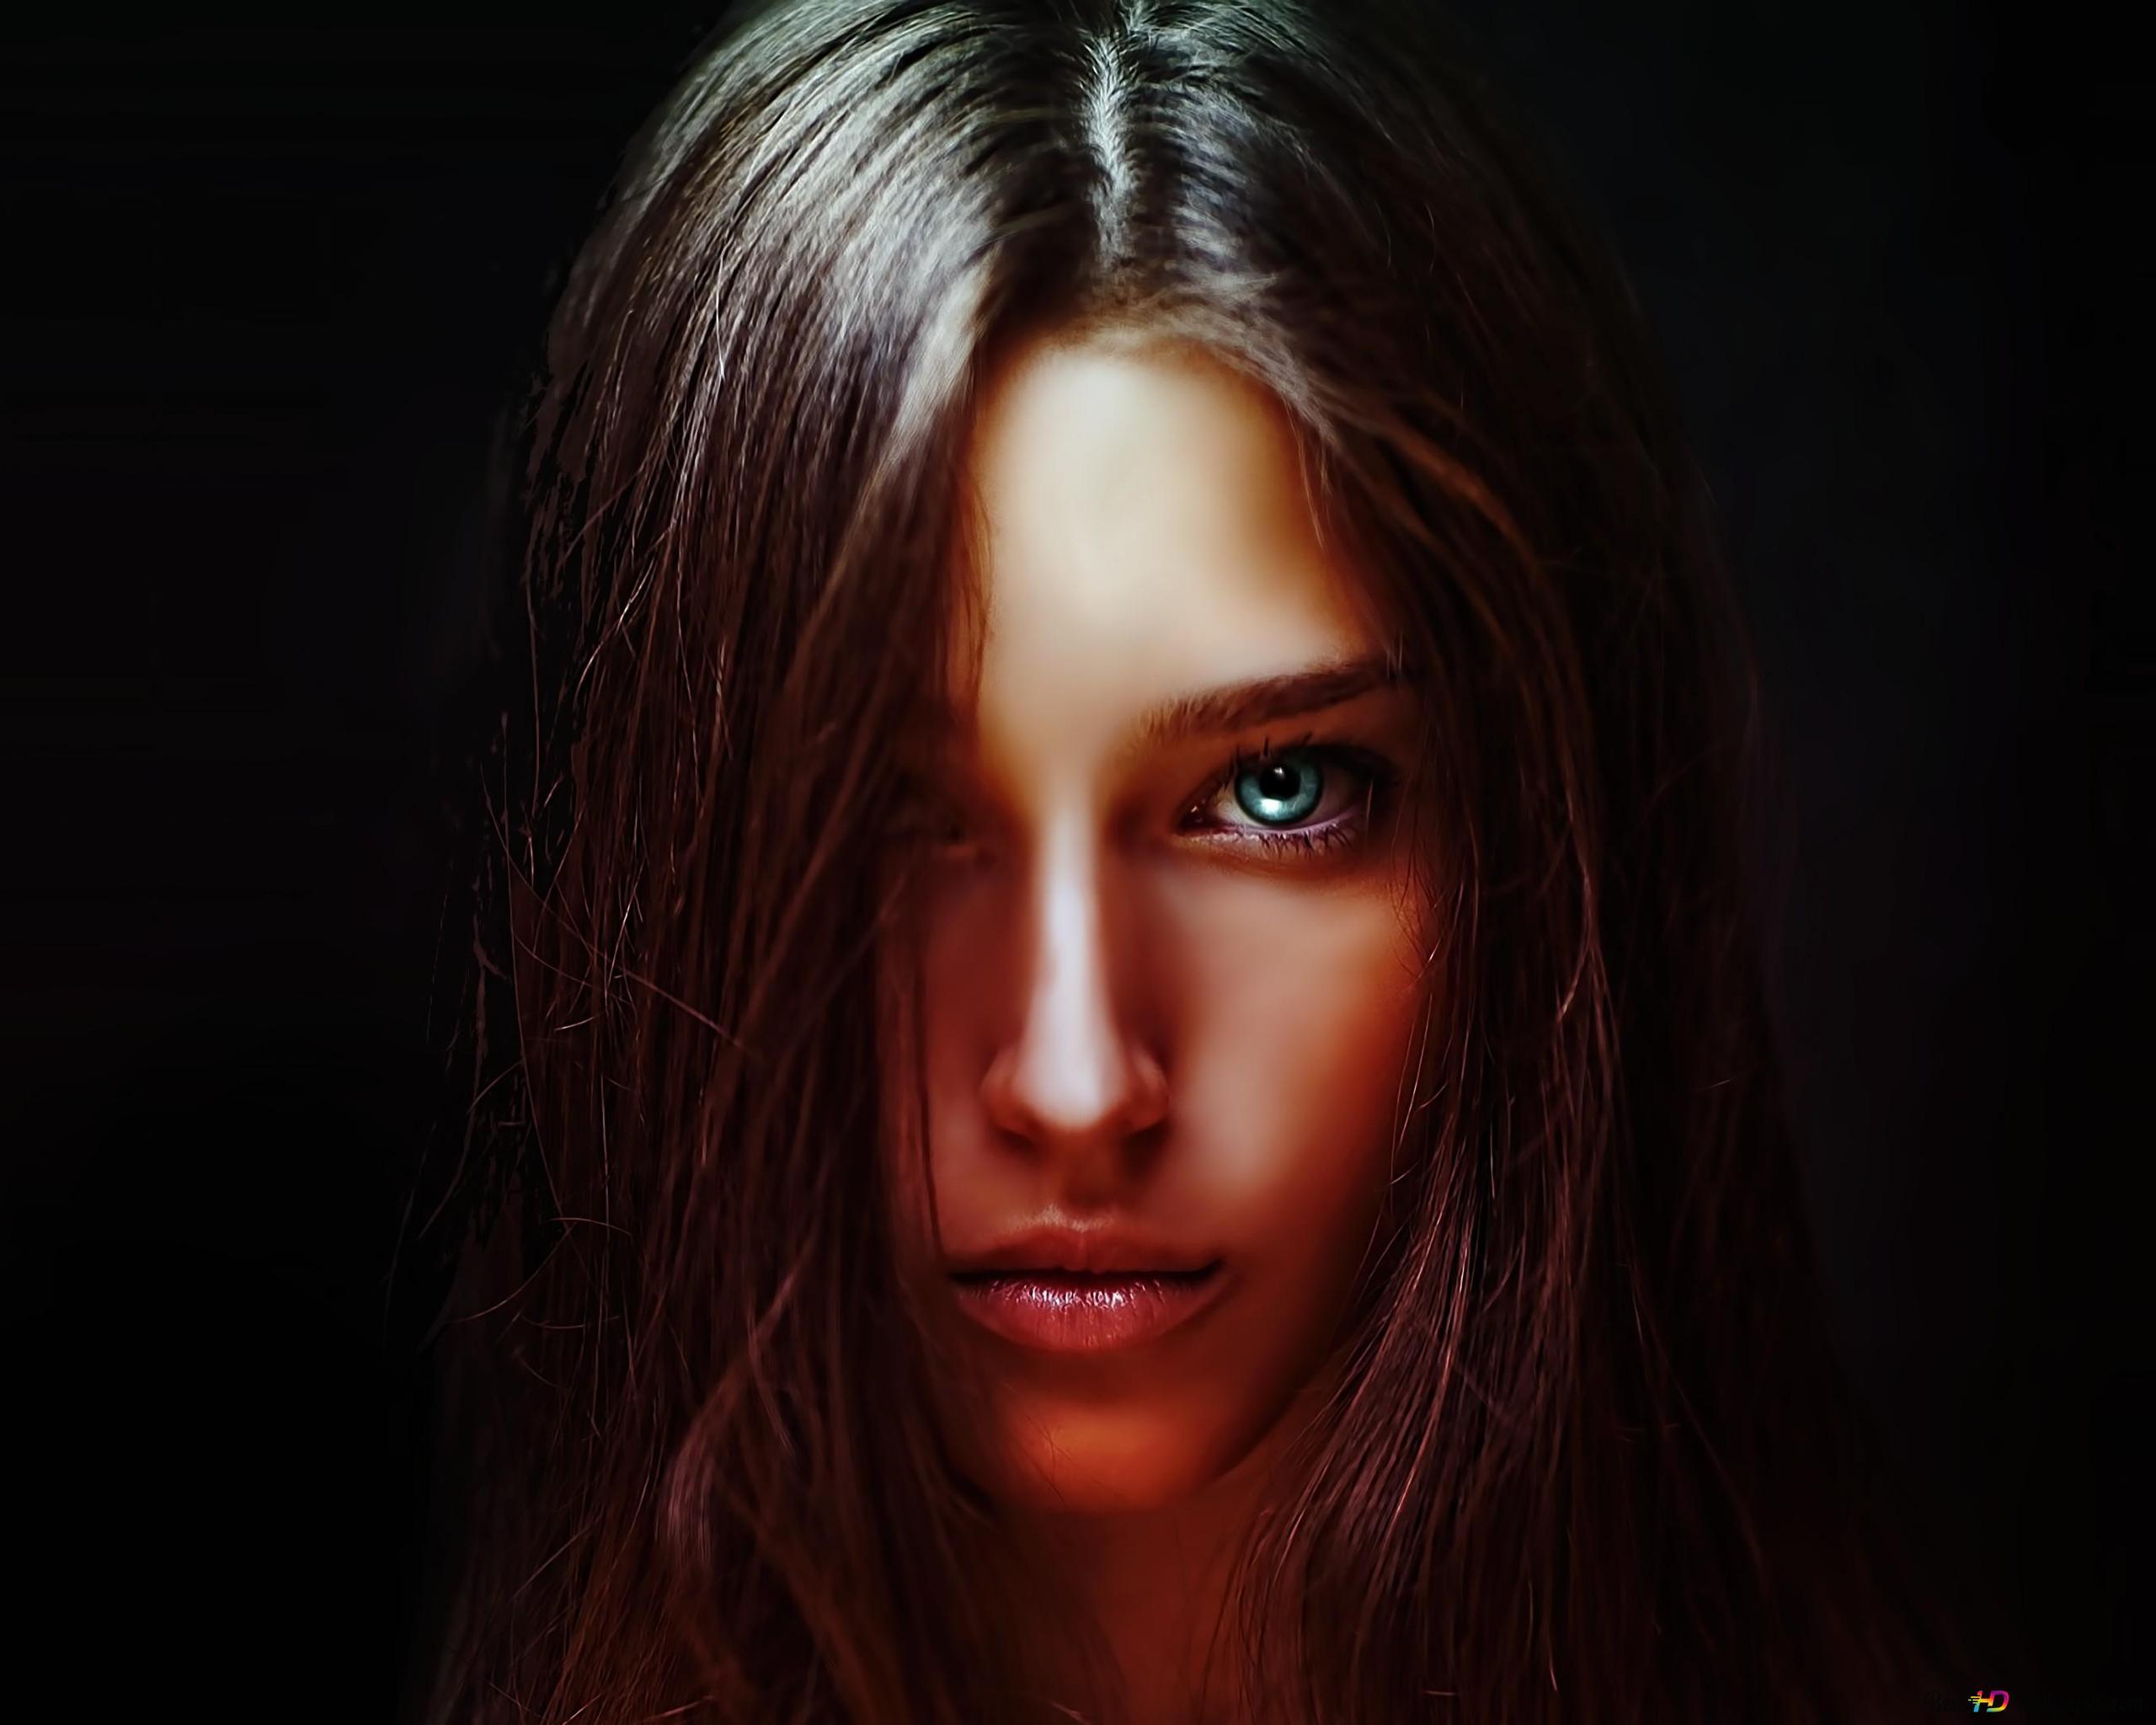 Schöne blaue Augen HD Hintergrundbilder herunterladen